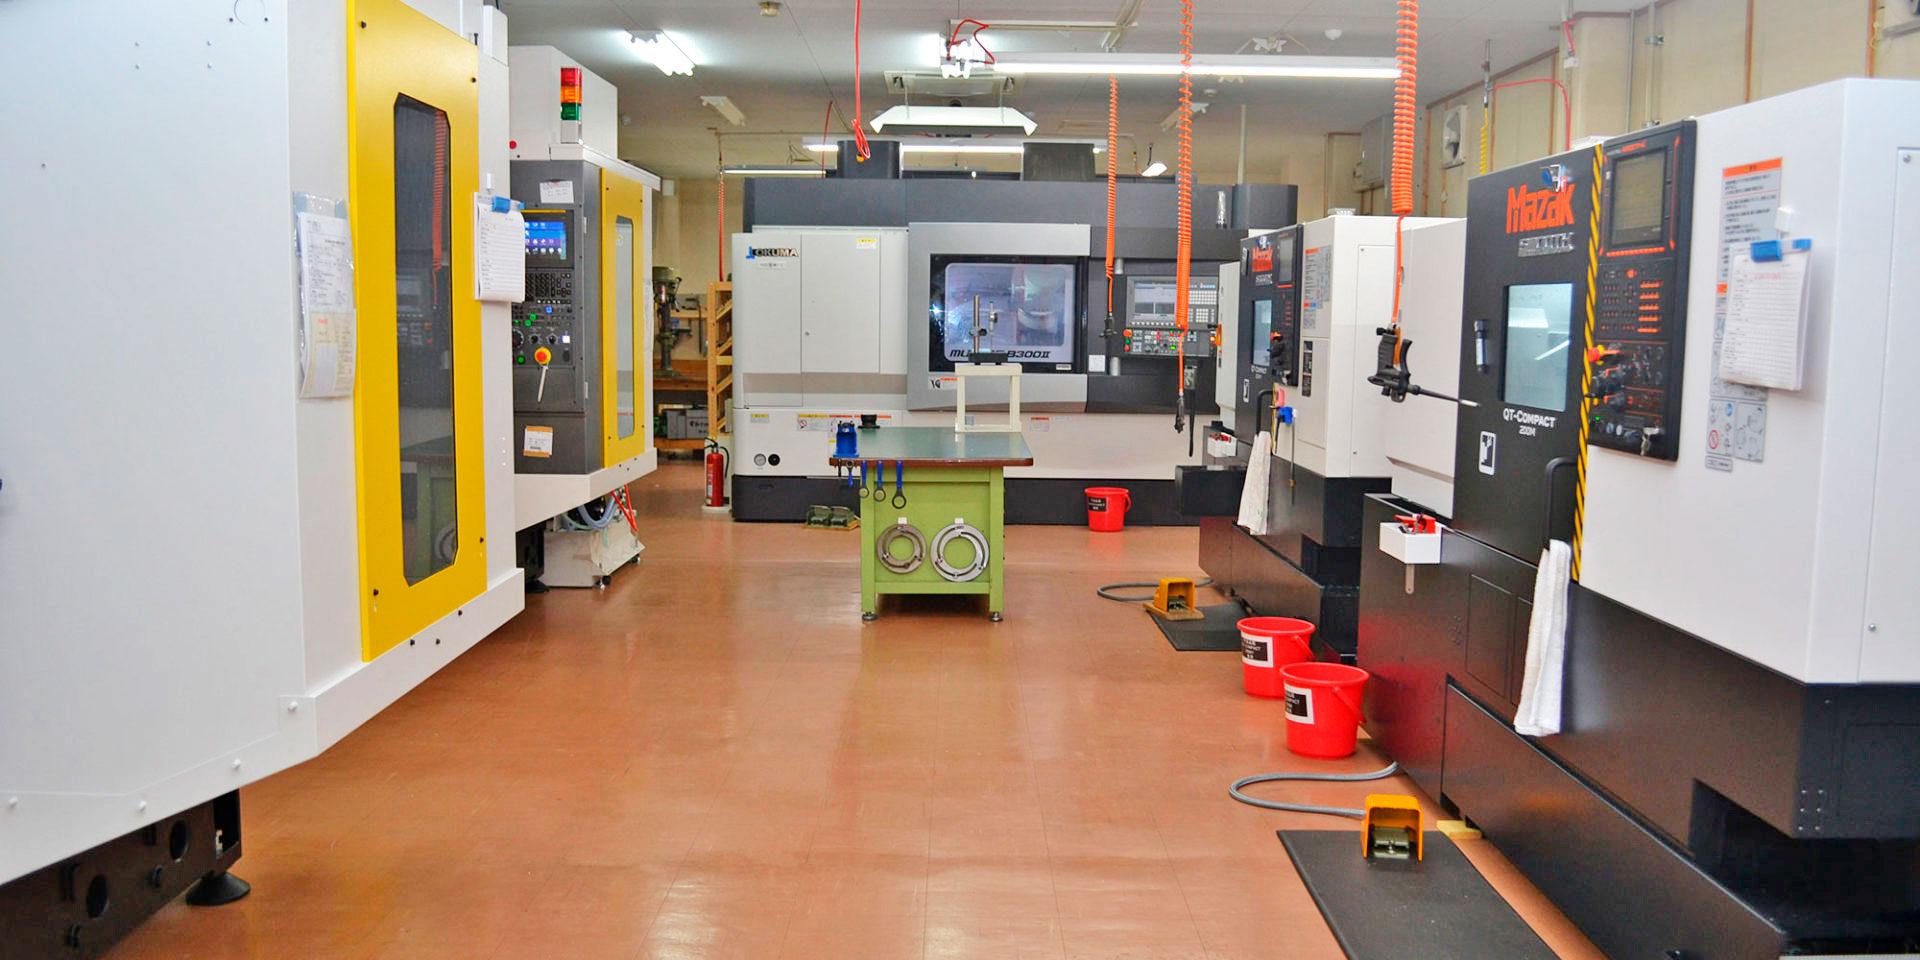 各種汎用プラスチックからスーパーエンプラまで、マシニング・複合加工機・NC旋盤での樹脂切削加工  <br />多軸同時加工機でのより難易度の高い加工・製作で様々なニーズに対応可能